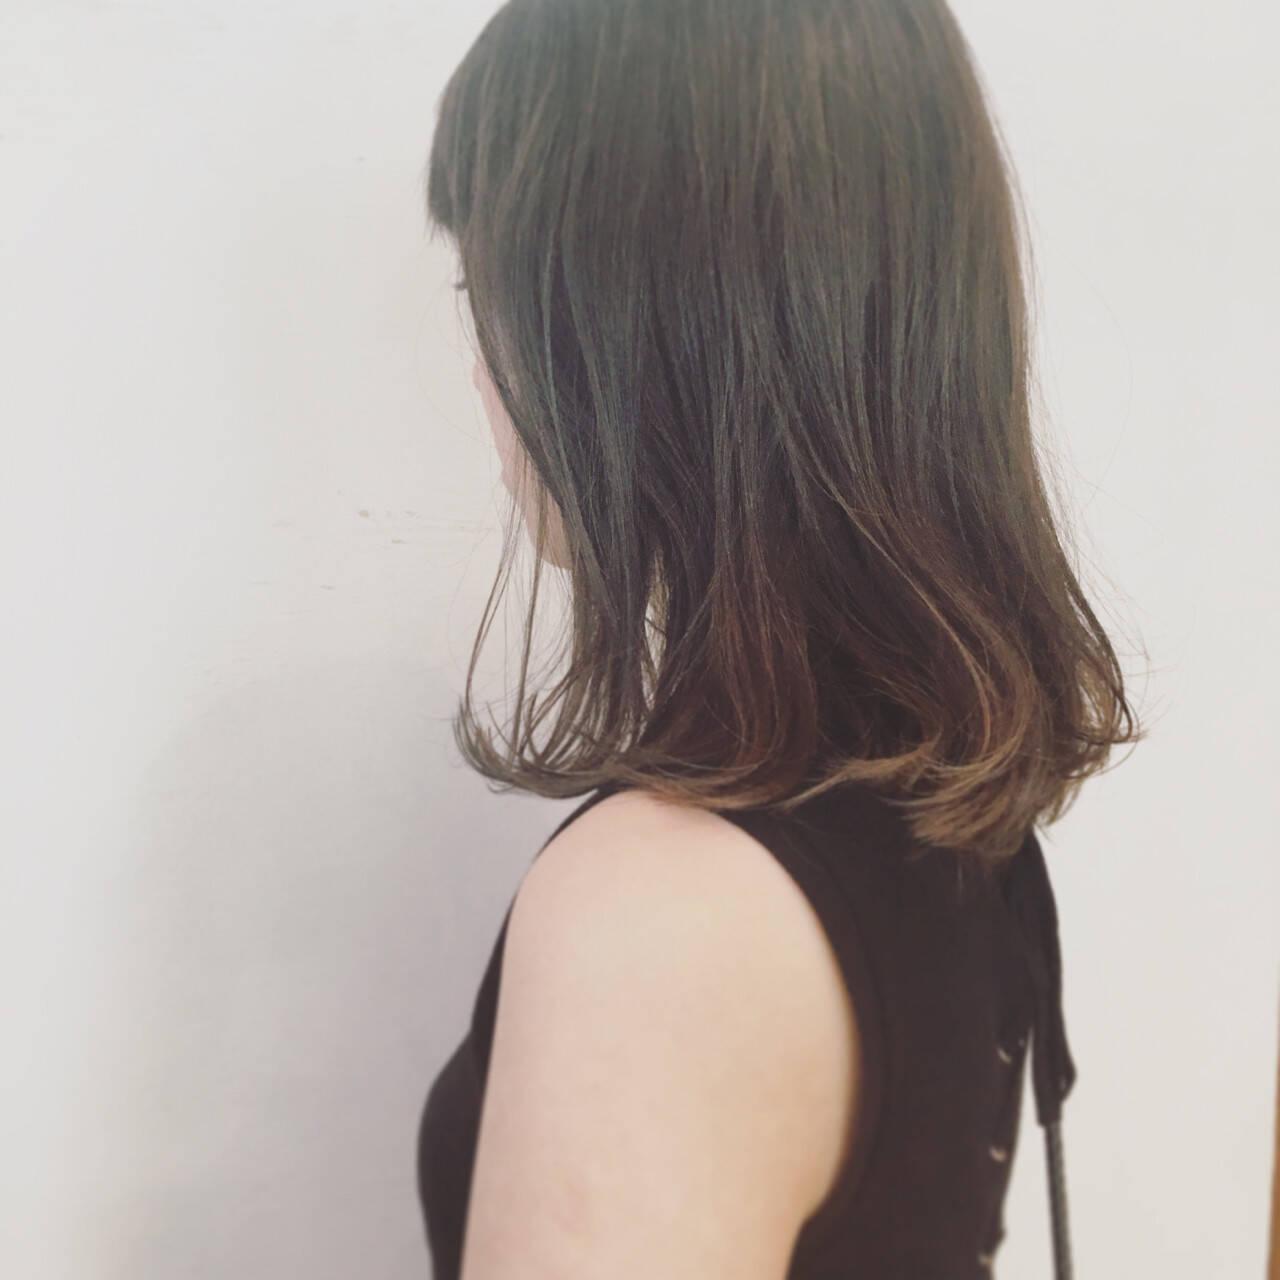 ストリート くせ毛風 ミディアム アッシュヘアスタイルや髪型の写真・画像